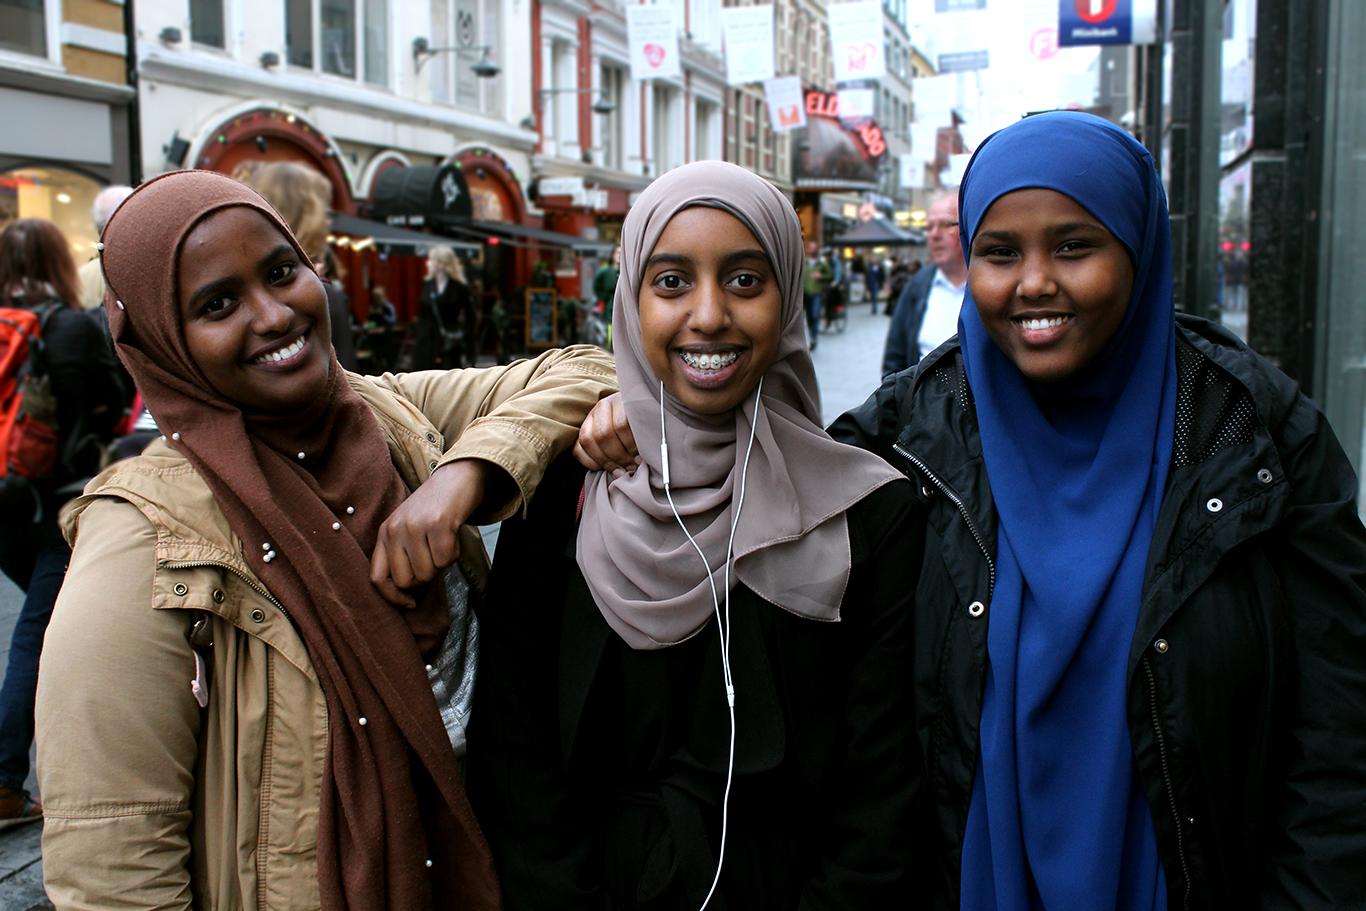 Fra høgre: Naima (17), Shukri (17) og Ikhra (16).